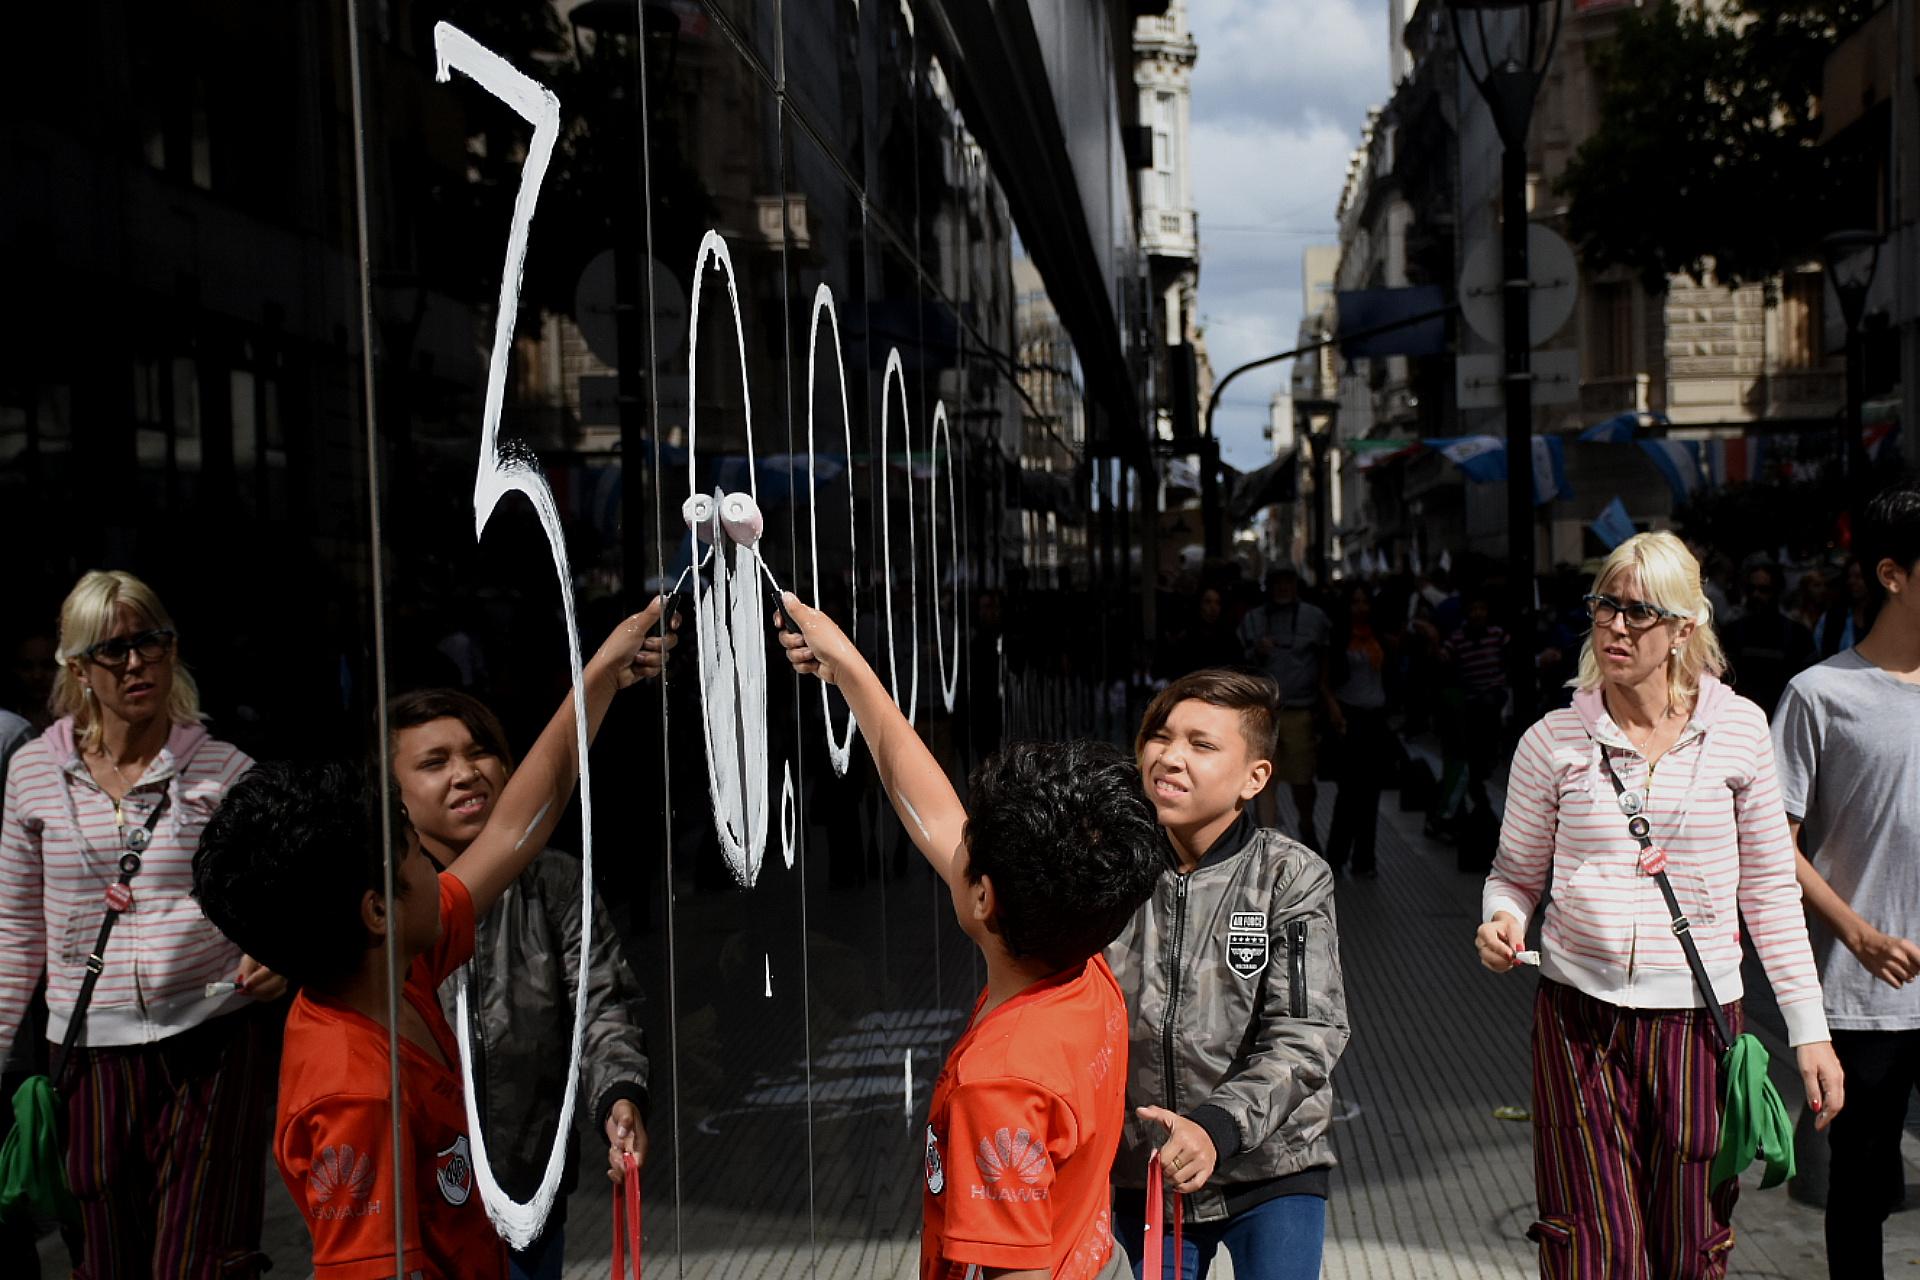 También hubo pintadas en los alrededores de la Plaza de Mayo